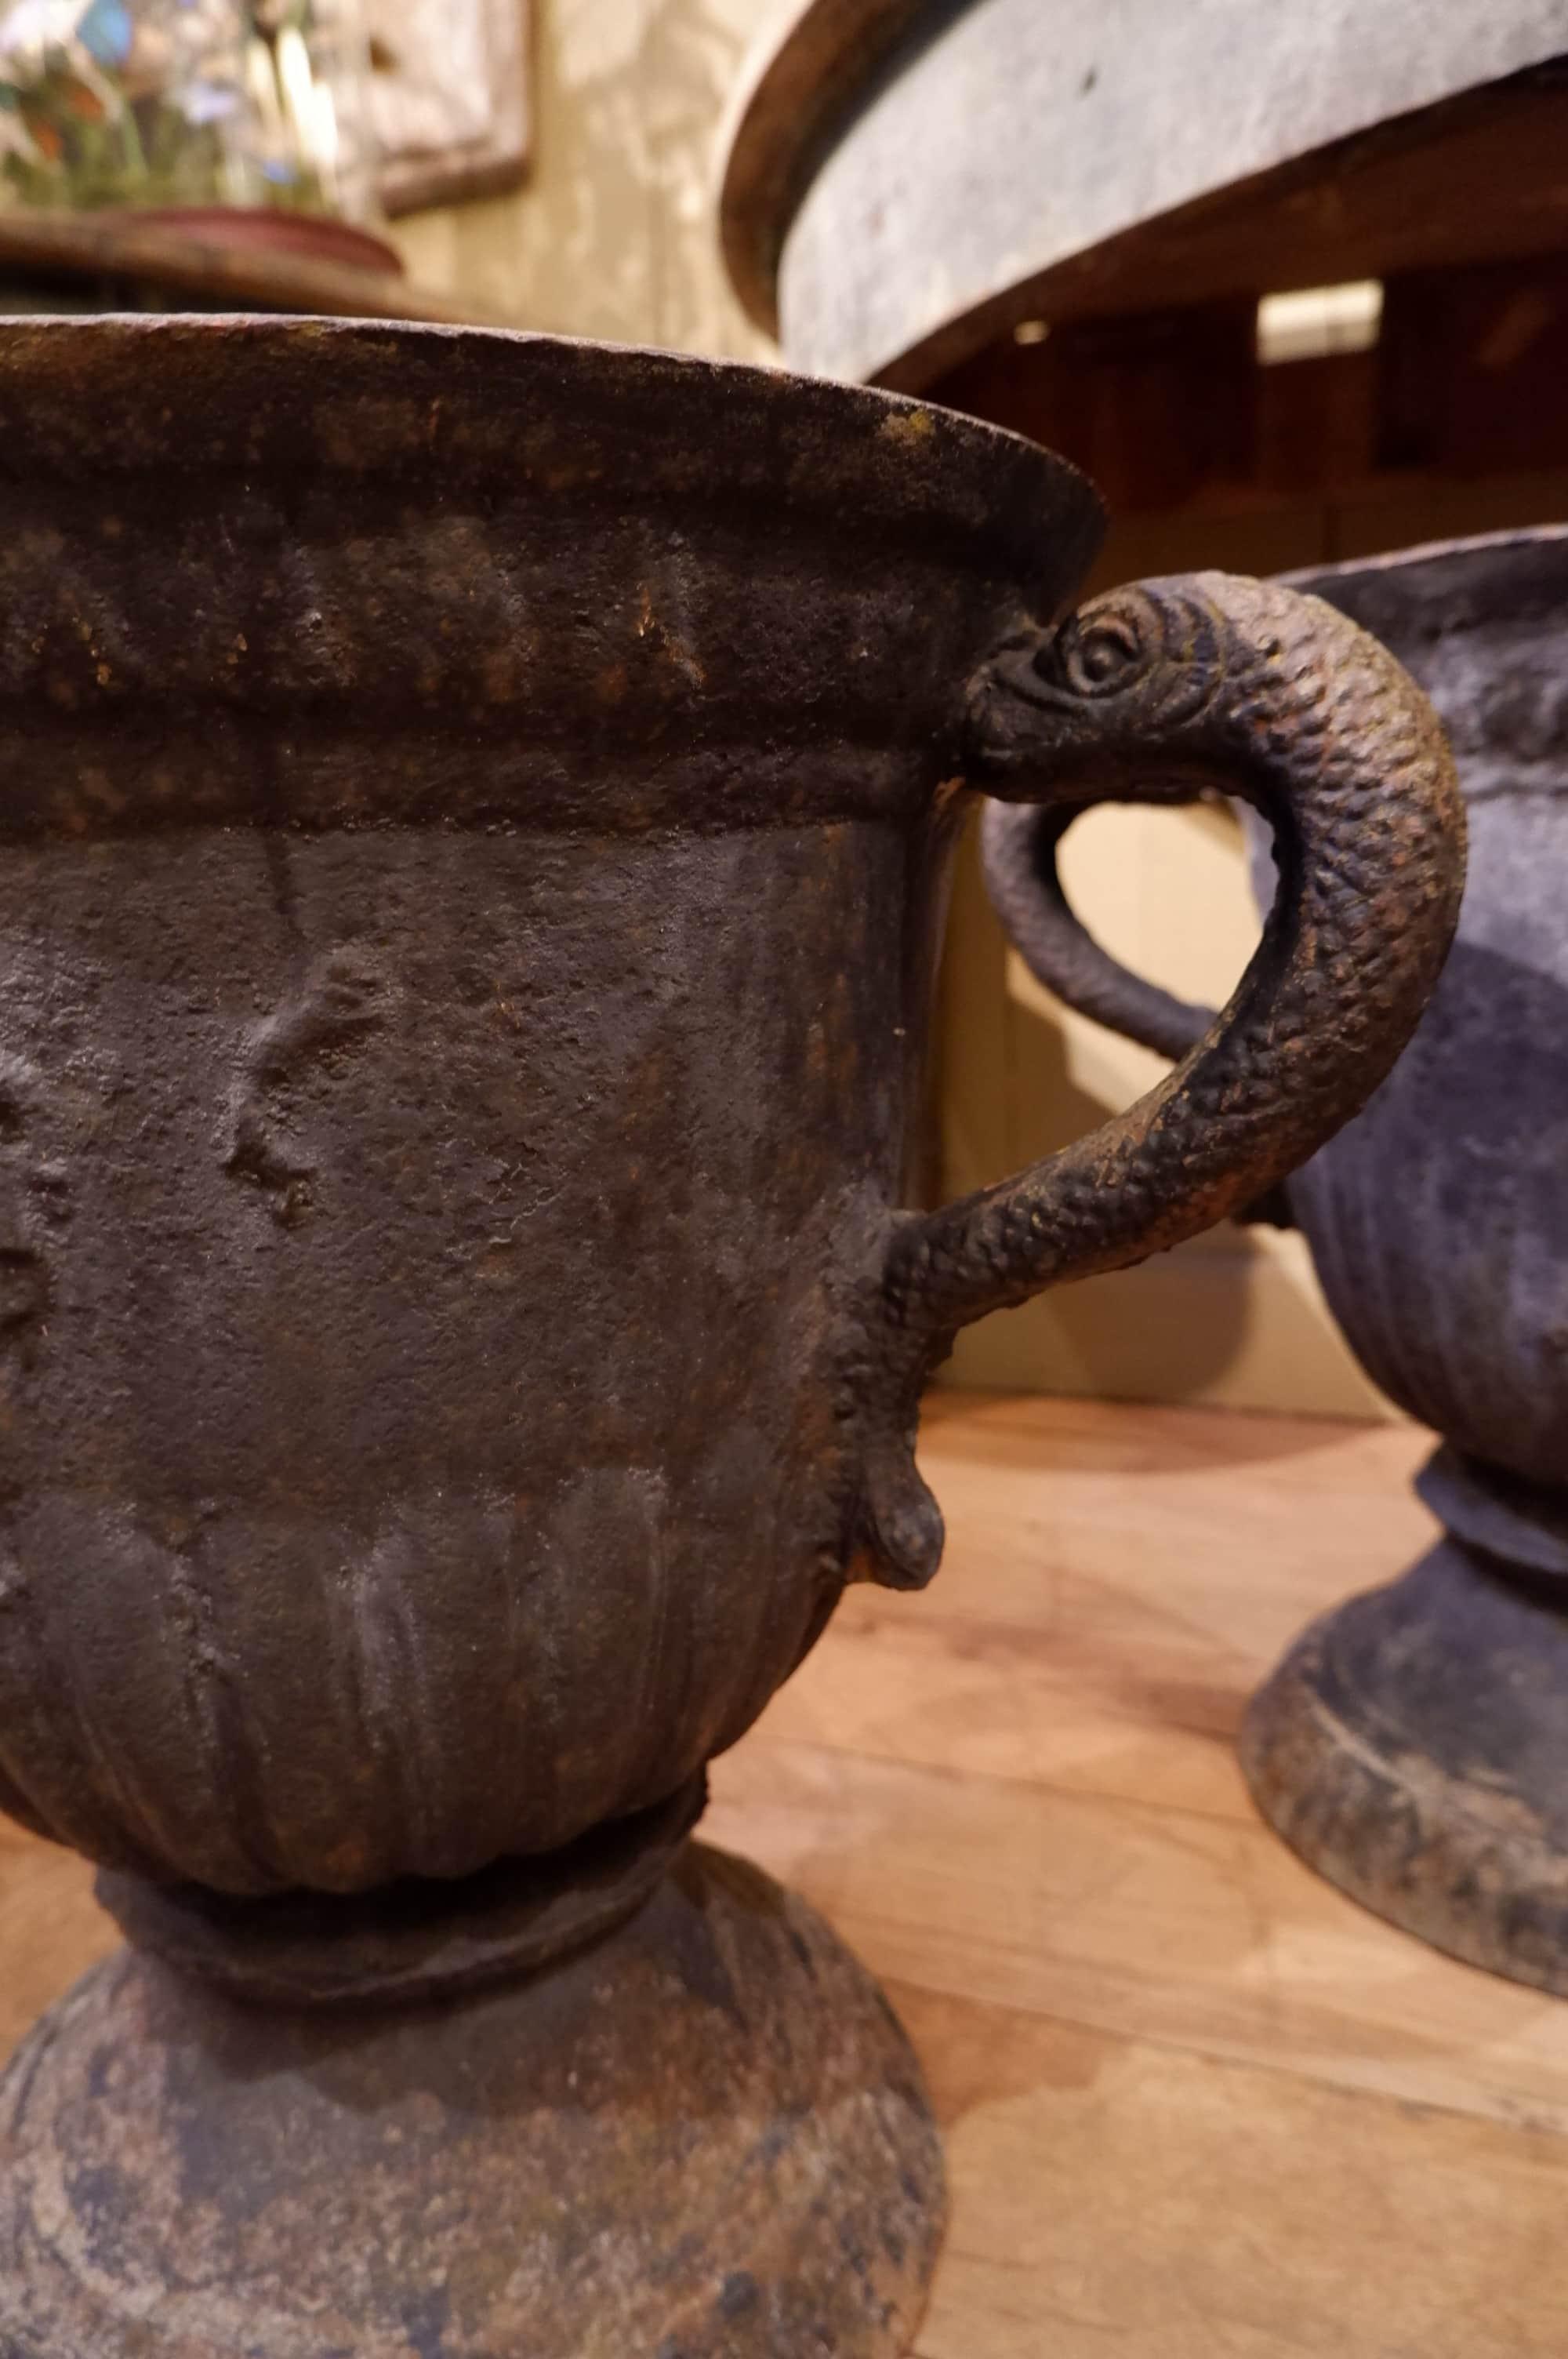 Suite de 4 grands vases période Louis XIV en fonte de fer bleu marine – Anses poissons